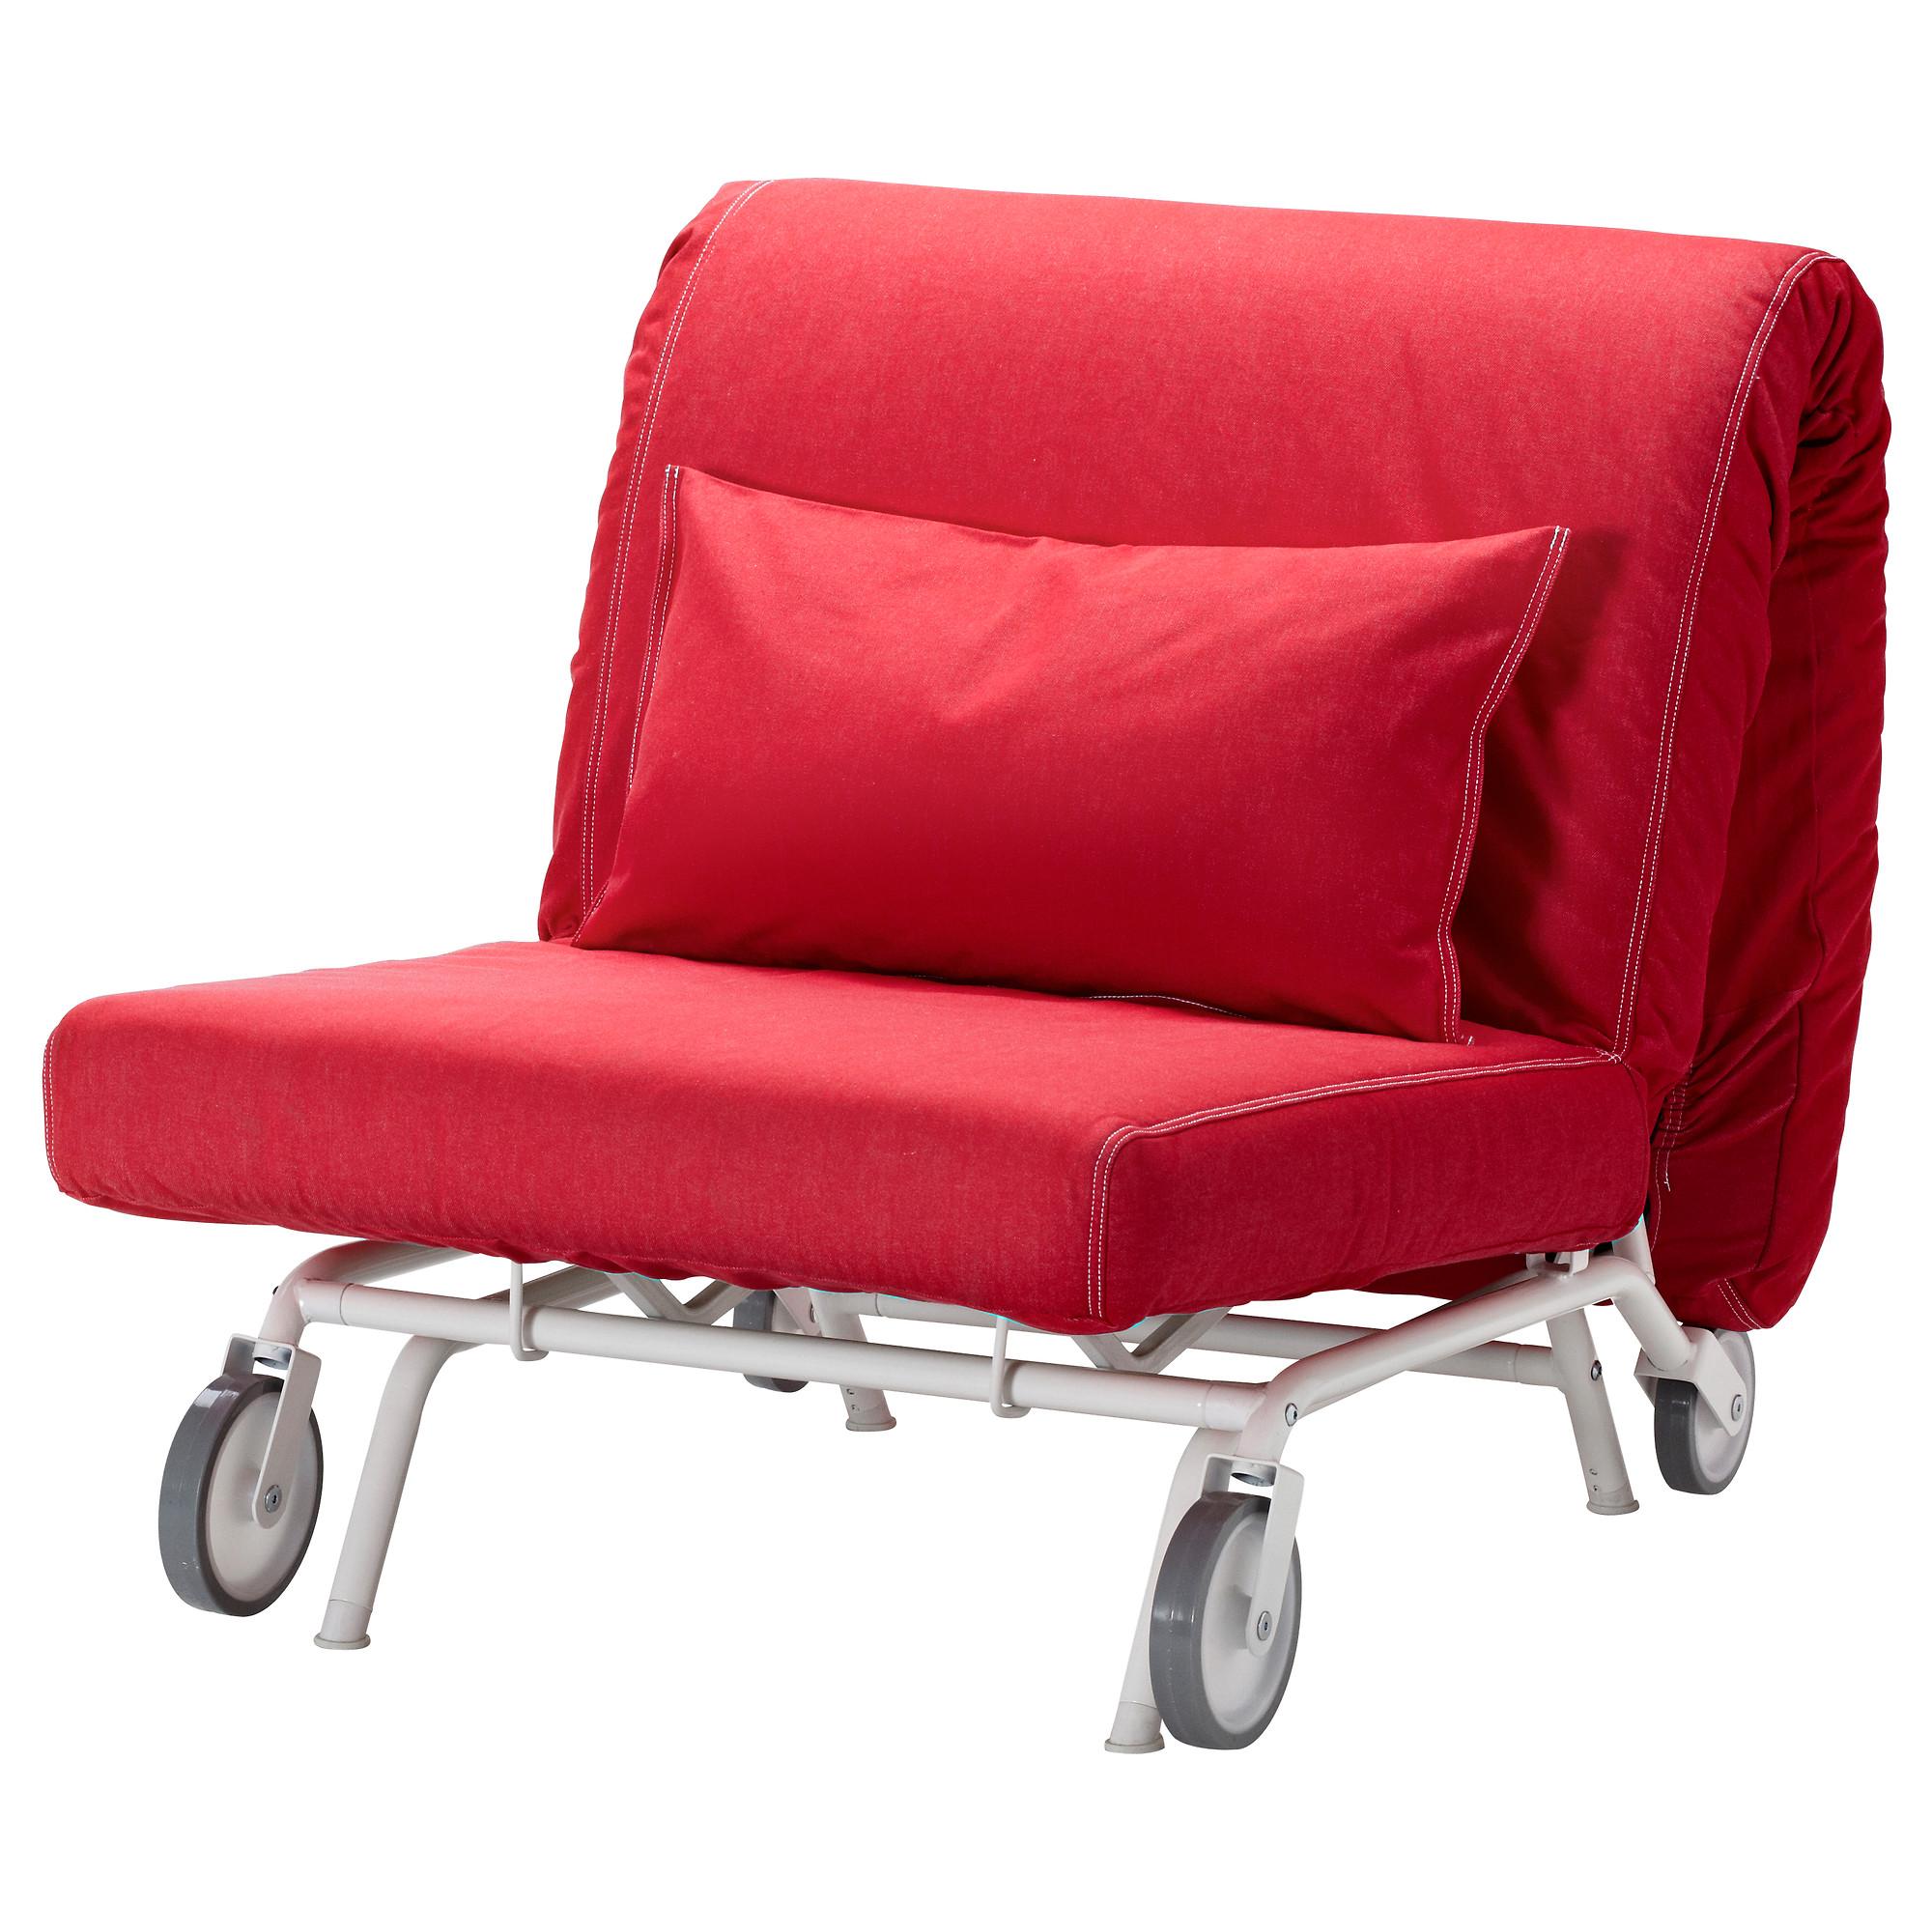 купить кресло кровать икеапс ховет ванста красный в Ikea минск